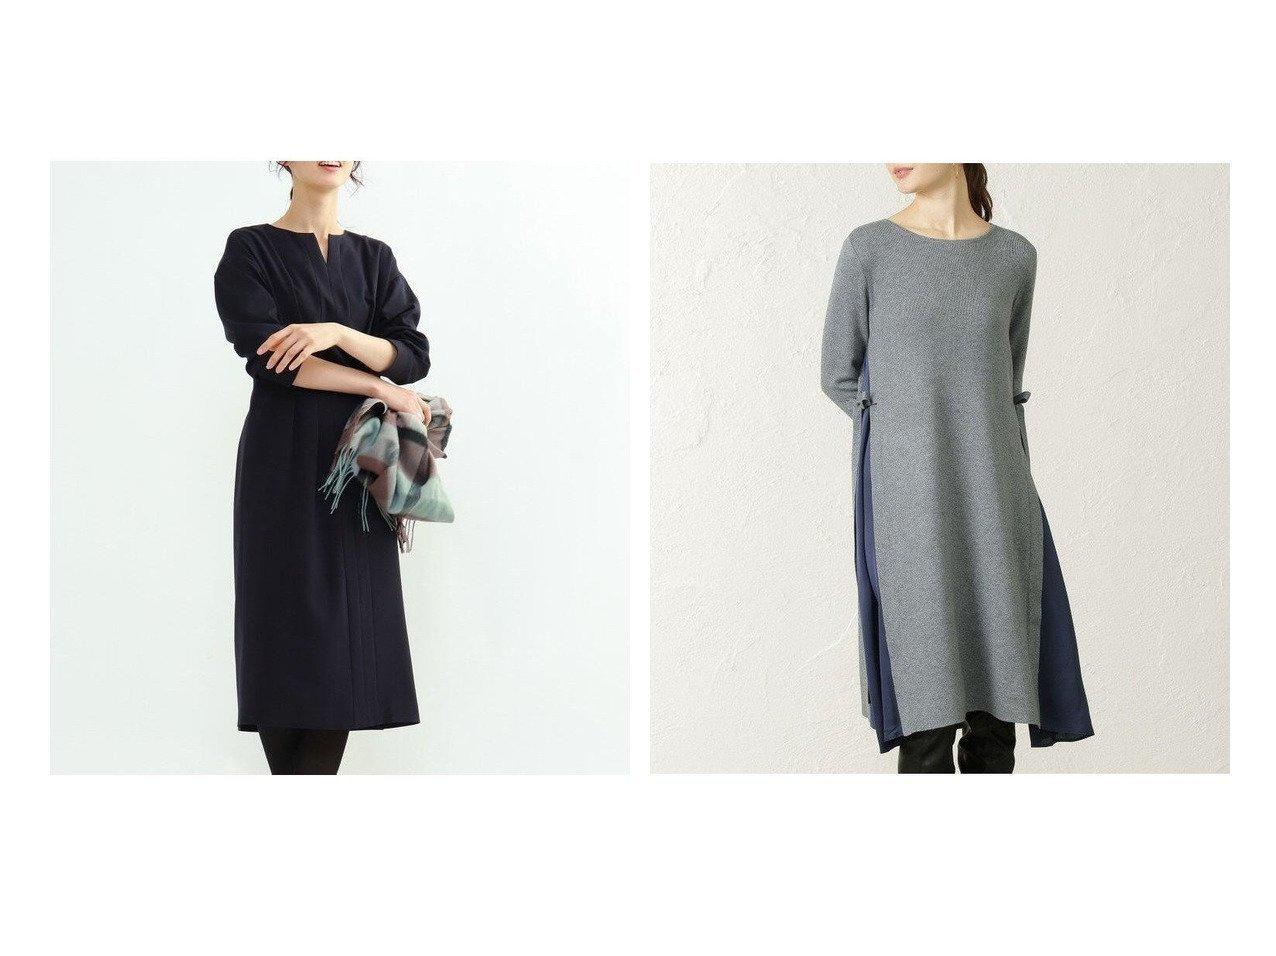 【EPOCA THE SHOP/エポカ ザ ショップ】の【EPOCA THE SHOP】サテンコンビニットドレス&【INDIVI/インディヴィ】のファインライクウールワンピース ワンピース・ドレスのおすすめ!人気、レディースファッションの通販  おすすめで人気のファッション通販商品 インテリア・家具・キッズファッション・メンズファッション・レディースファッション・服の通販 founy(ファニー) https://founy.com/ ファッション Fashion レディース WOMEN ワンピース Dress ドレス Party Dresses ショート ストレッチ ストレート センター トレンド バランス ポケット コンビ サテン スリット ドレス ビンテージ リボン |ID:crp329100000005010